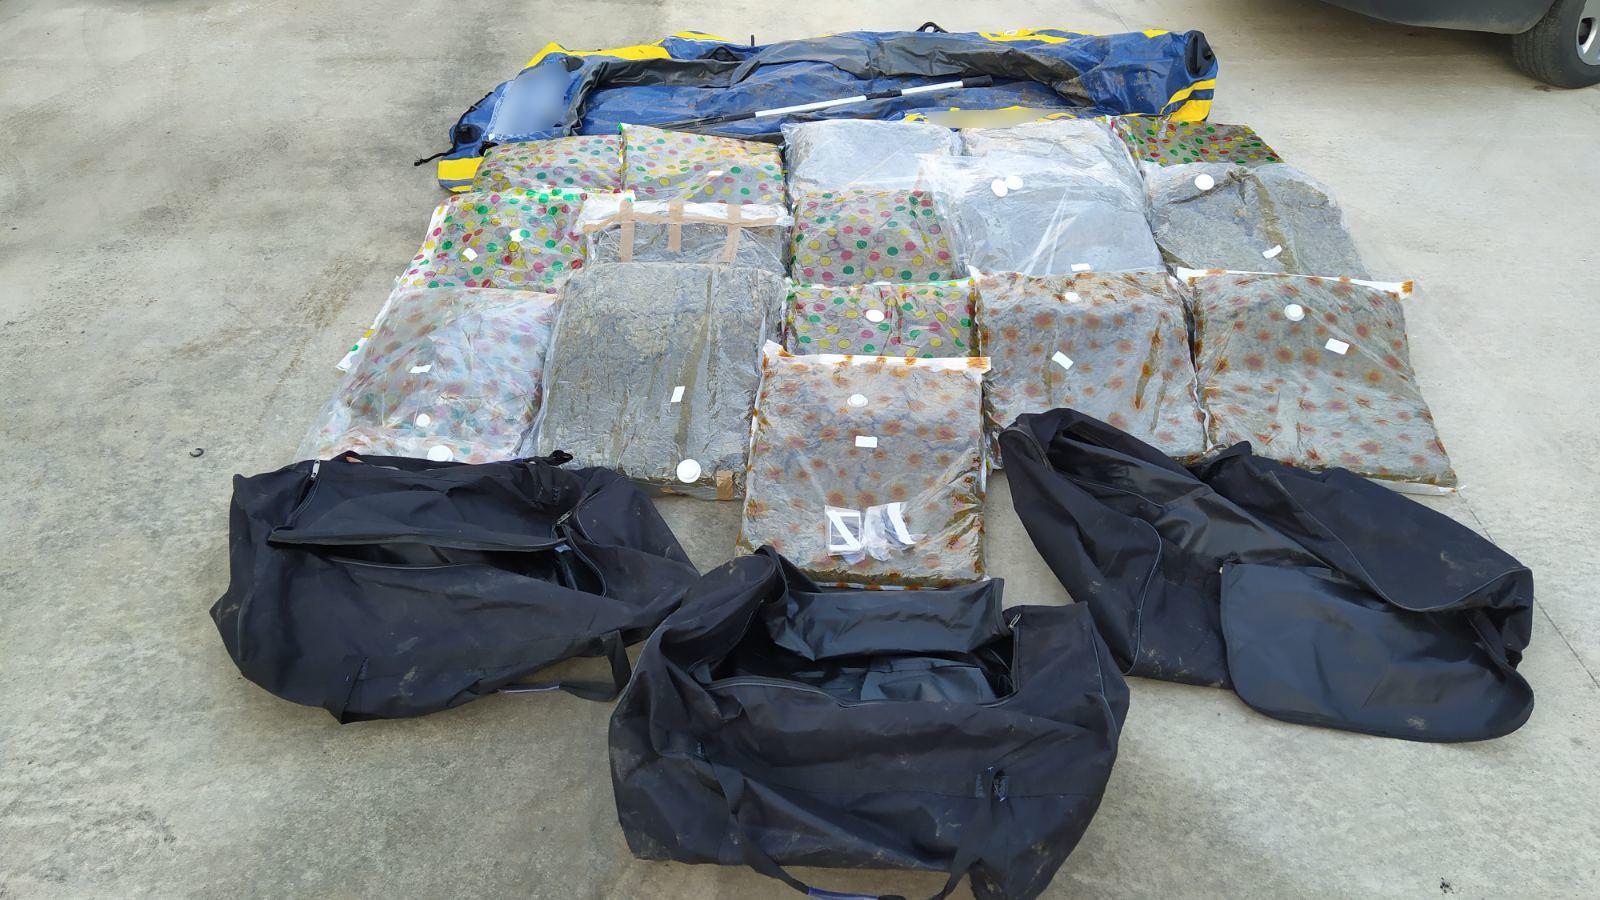 Περίπου 62 κιλά ακατέργαστης κάνναβης κατασχέθηκαν στο πλαίσιο επιχείρησης από αστυνομικούς της Διεύθυνσης Αστυνομίας Ορεστιάδας σε παρέβρια περιοχή του Έβρου